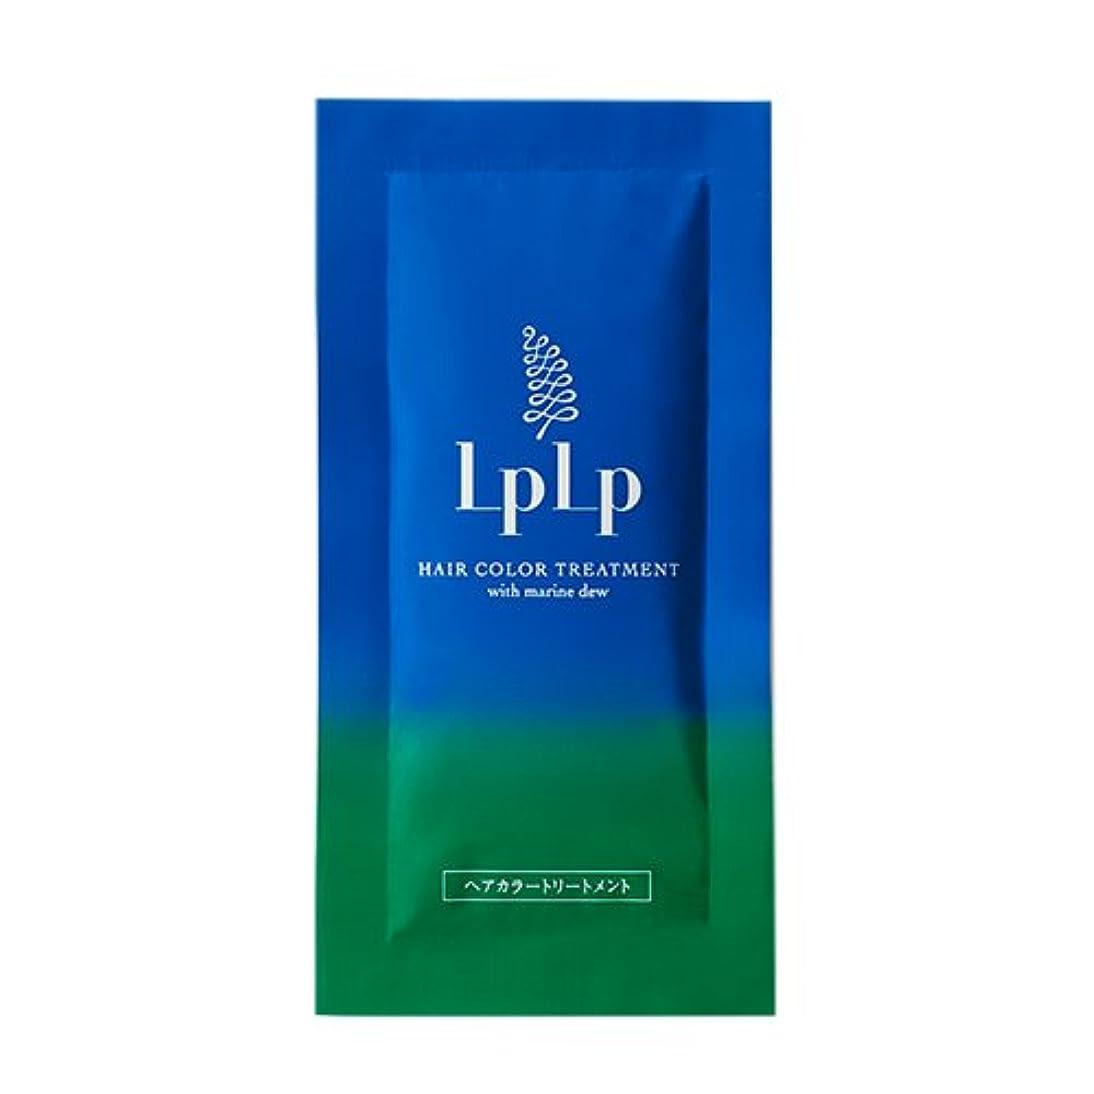 掃除関連するタイマーLPLP(ルプルプ)ヘアカラートリートメントお試しパウチ モカブラウン